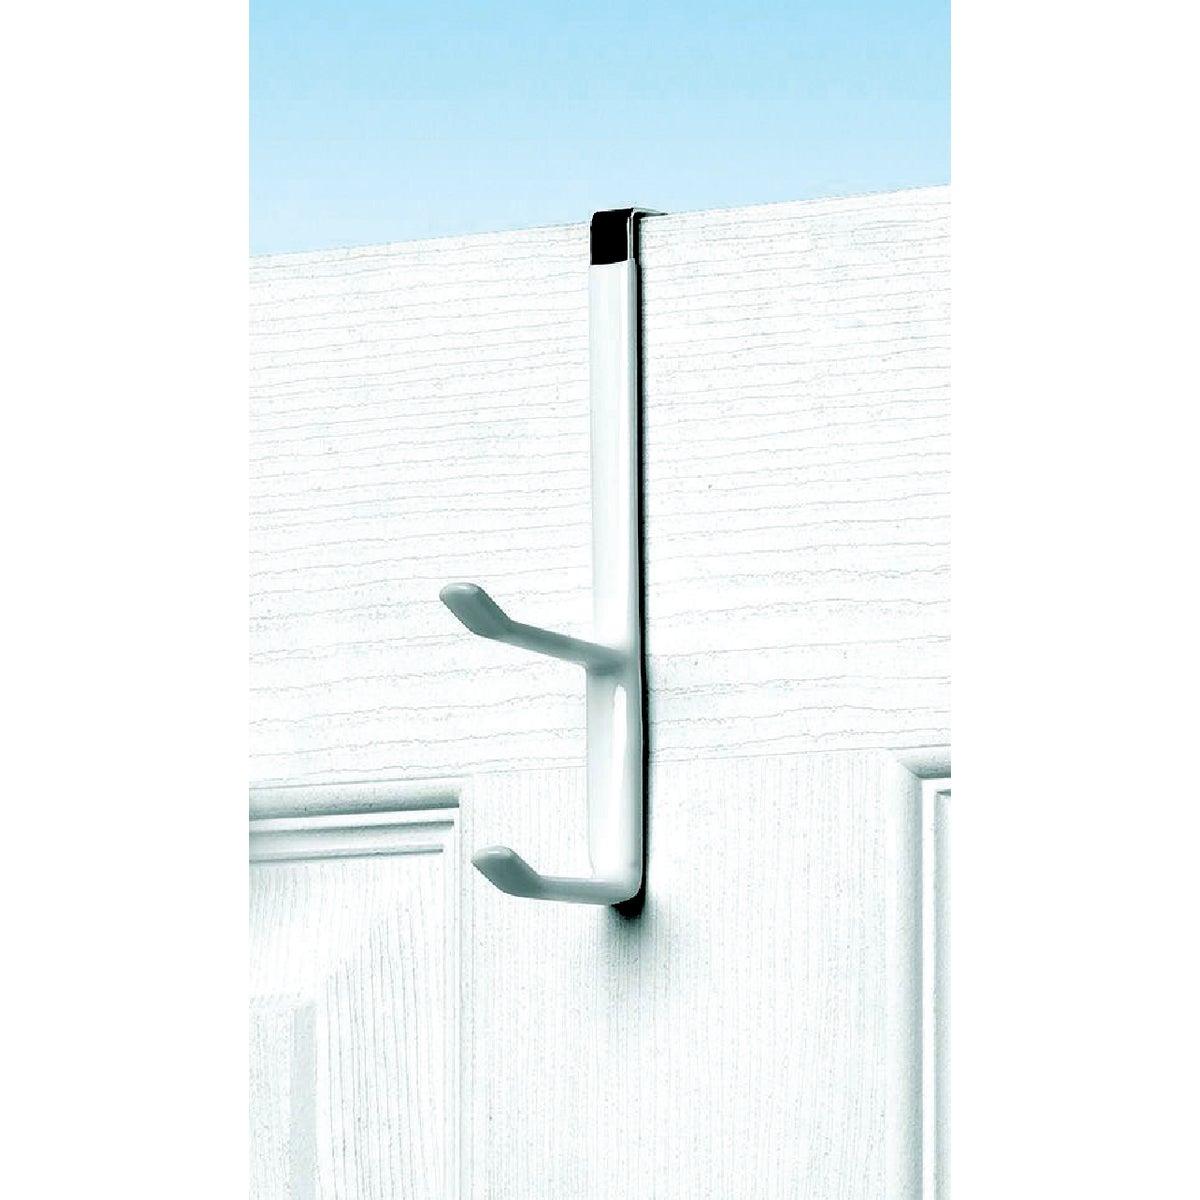 WHITE OVER DOOR HOOK - 16500 by Spectrum Diversified